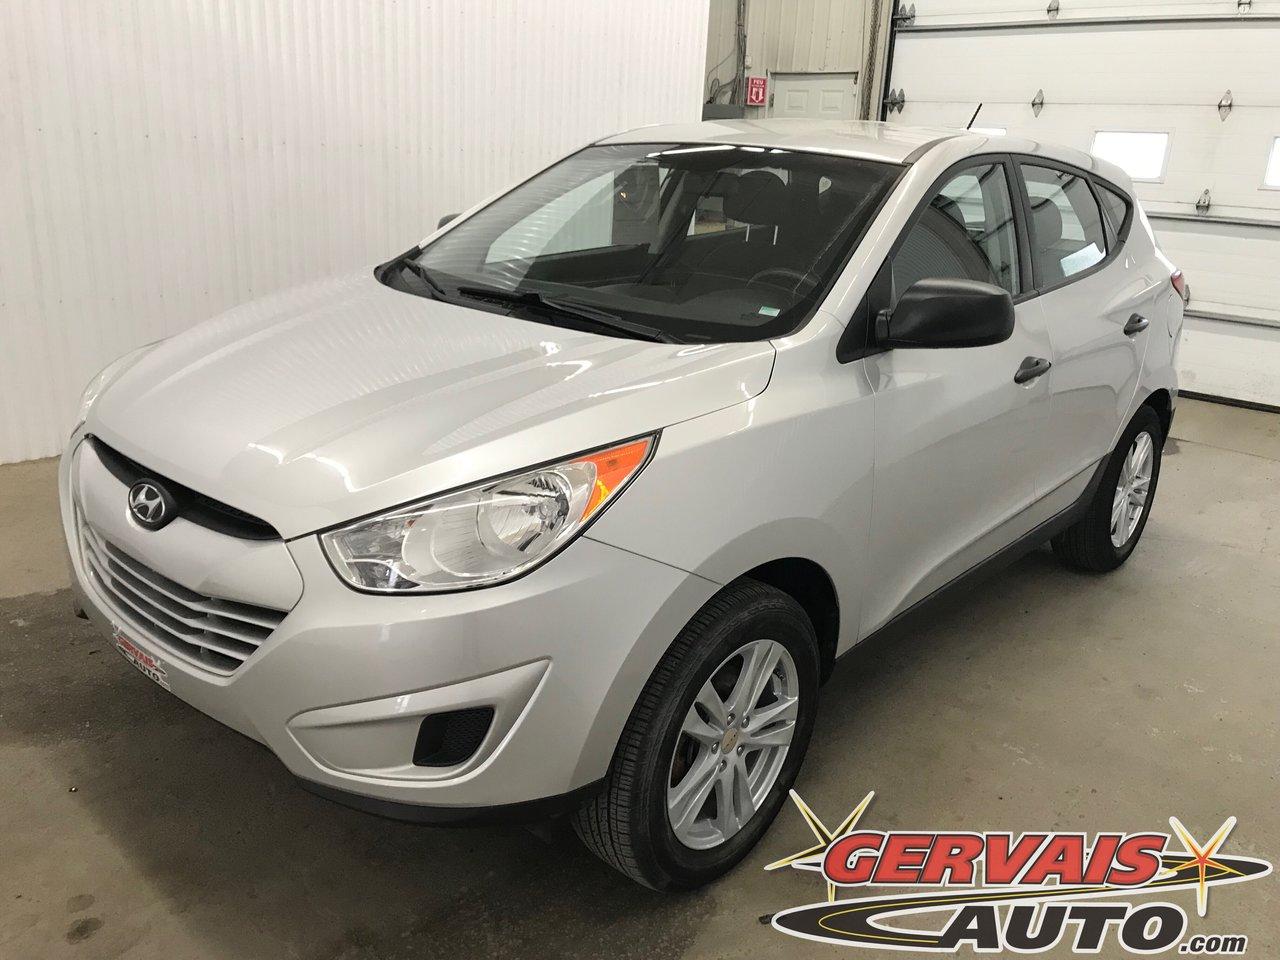 Hyundai Tucson 2013 L A/C *Bas Kilom?trage*